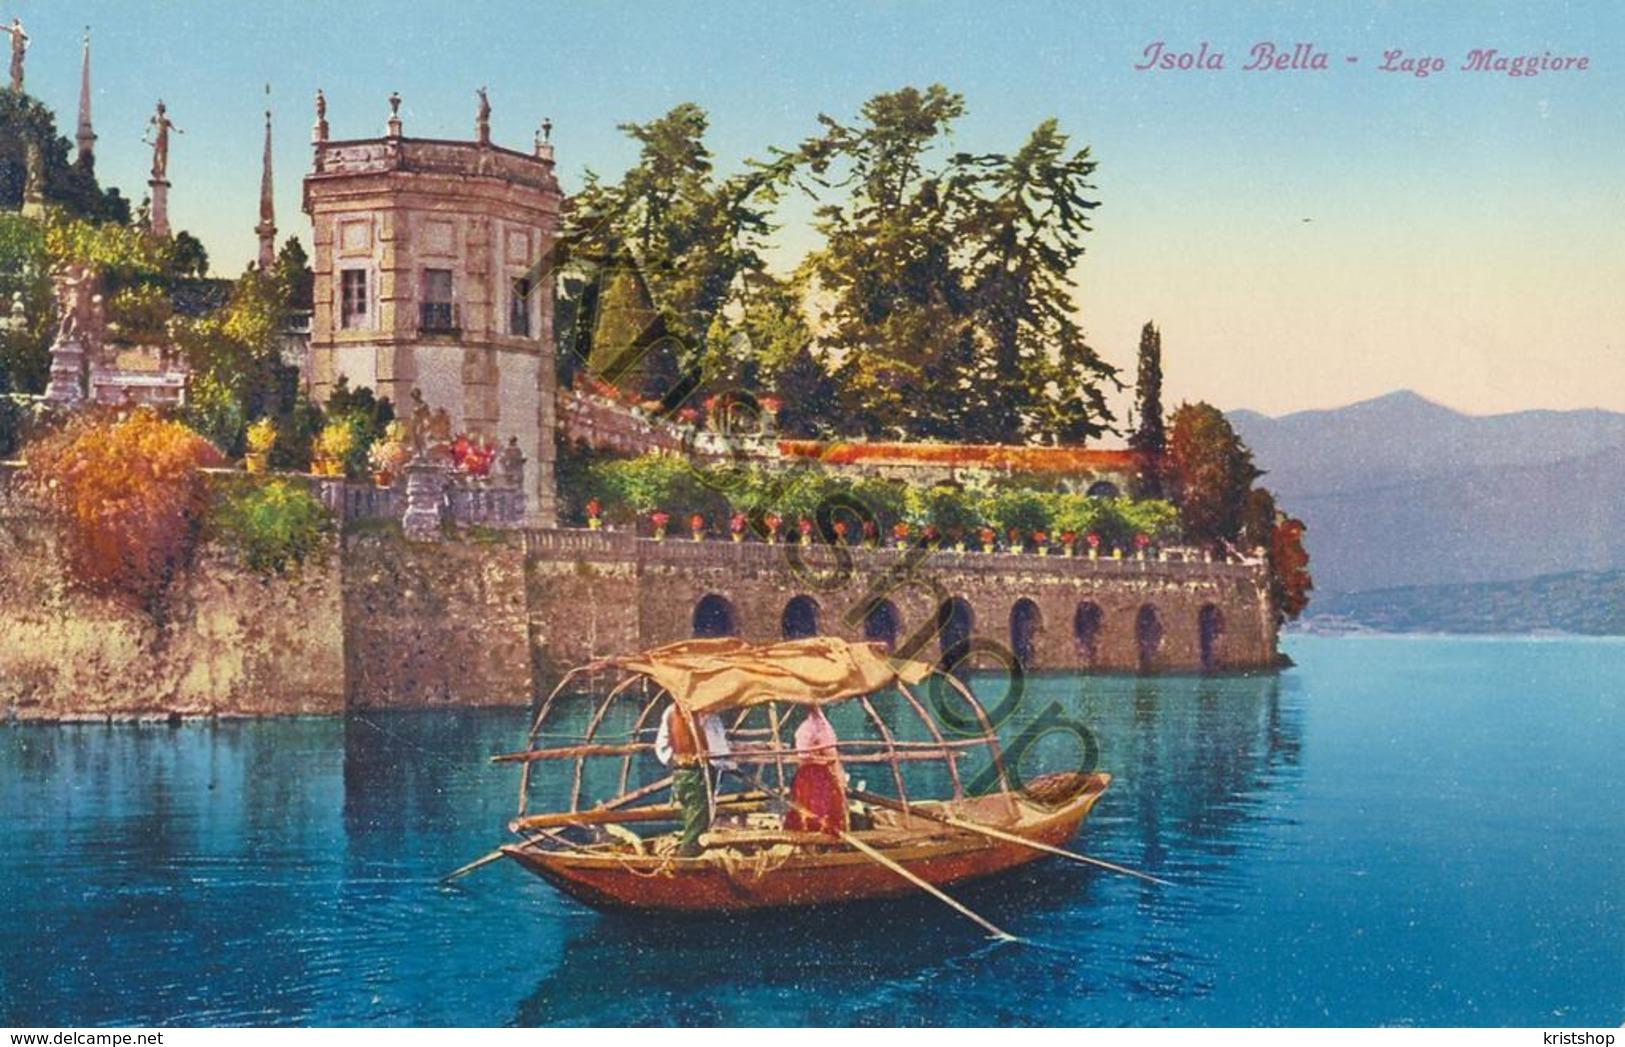 Isola Bella - Lago Maggiore [AA20-2.031 - Italie